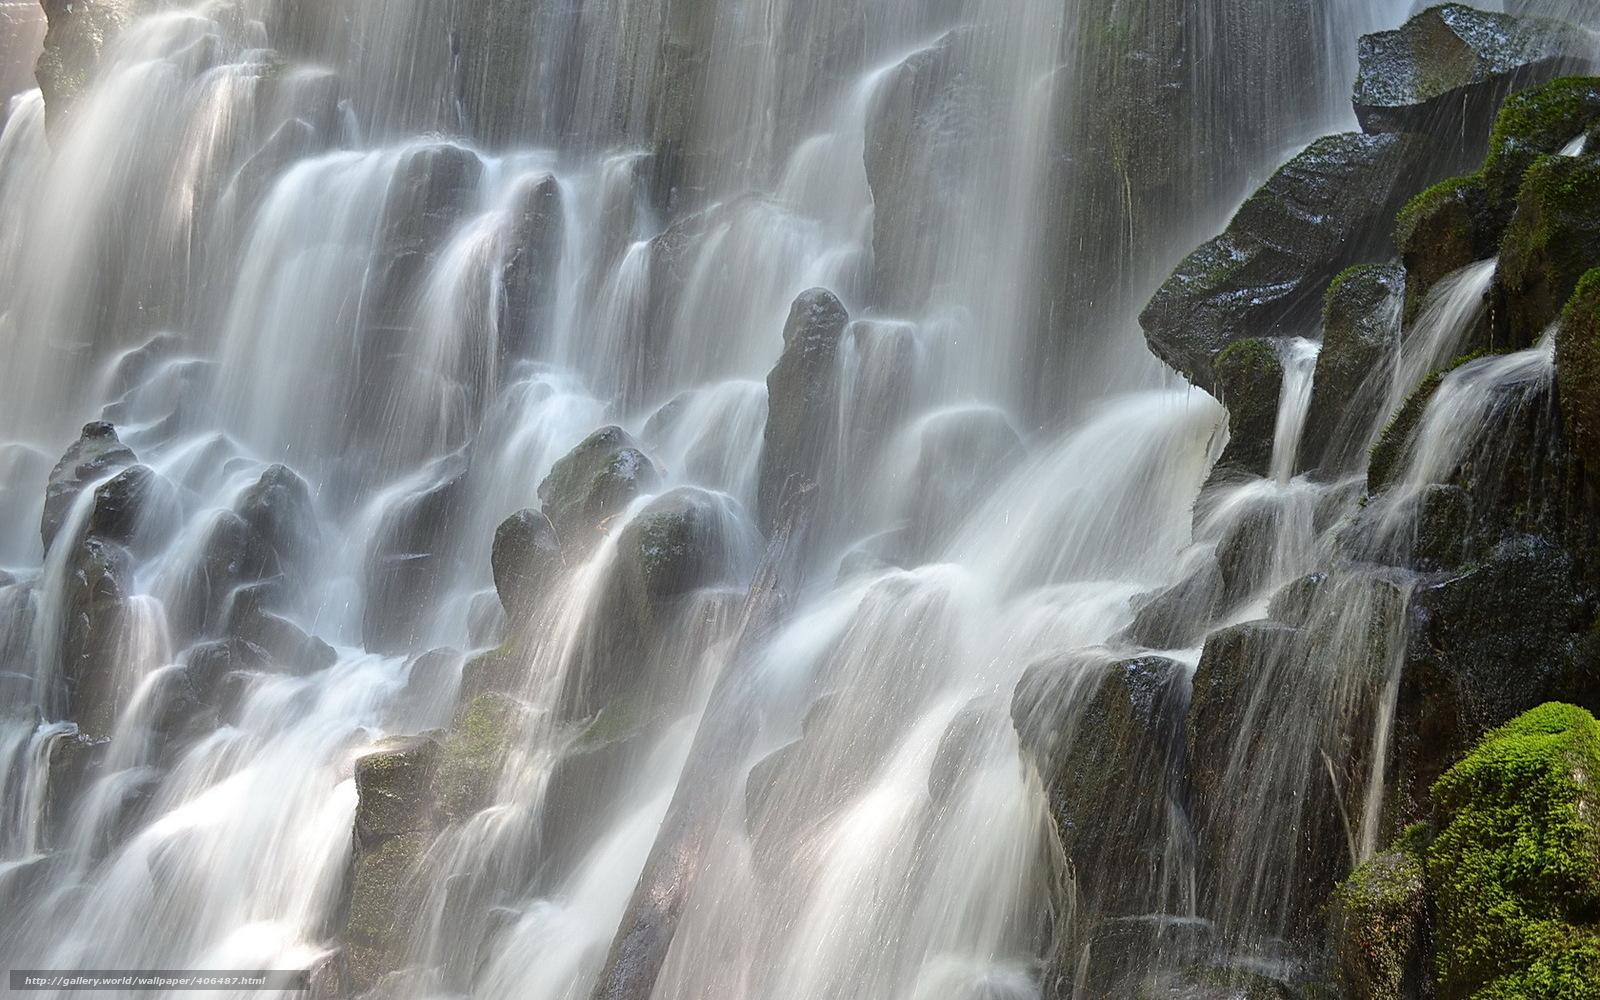 Скачать обои Водопад Рамона,  Орегон,  камни,  мох бесплатно для рабочего стола в разрешении 1680x1050 — картинка №406487